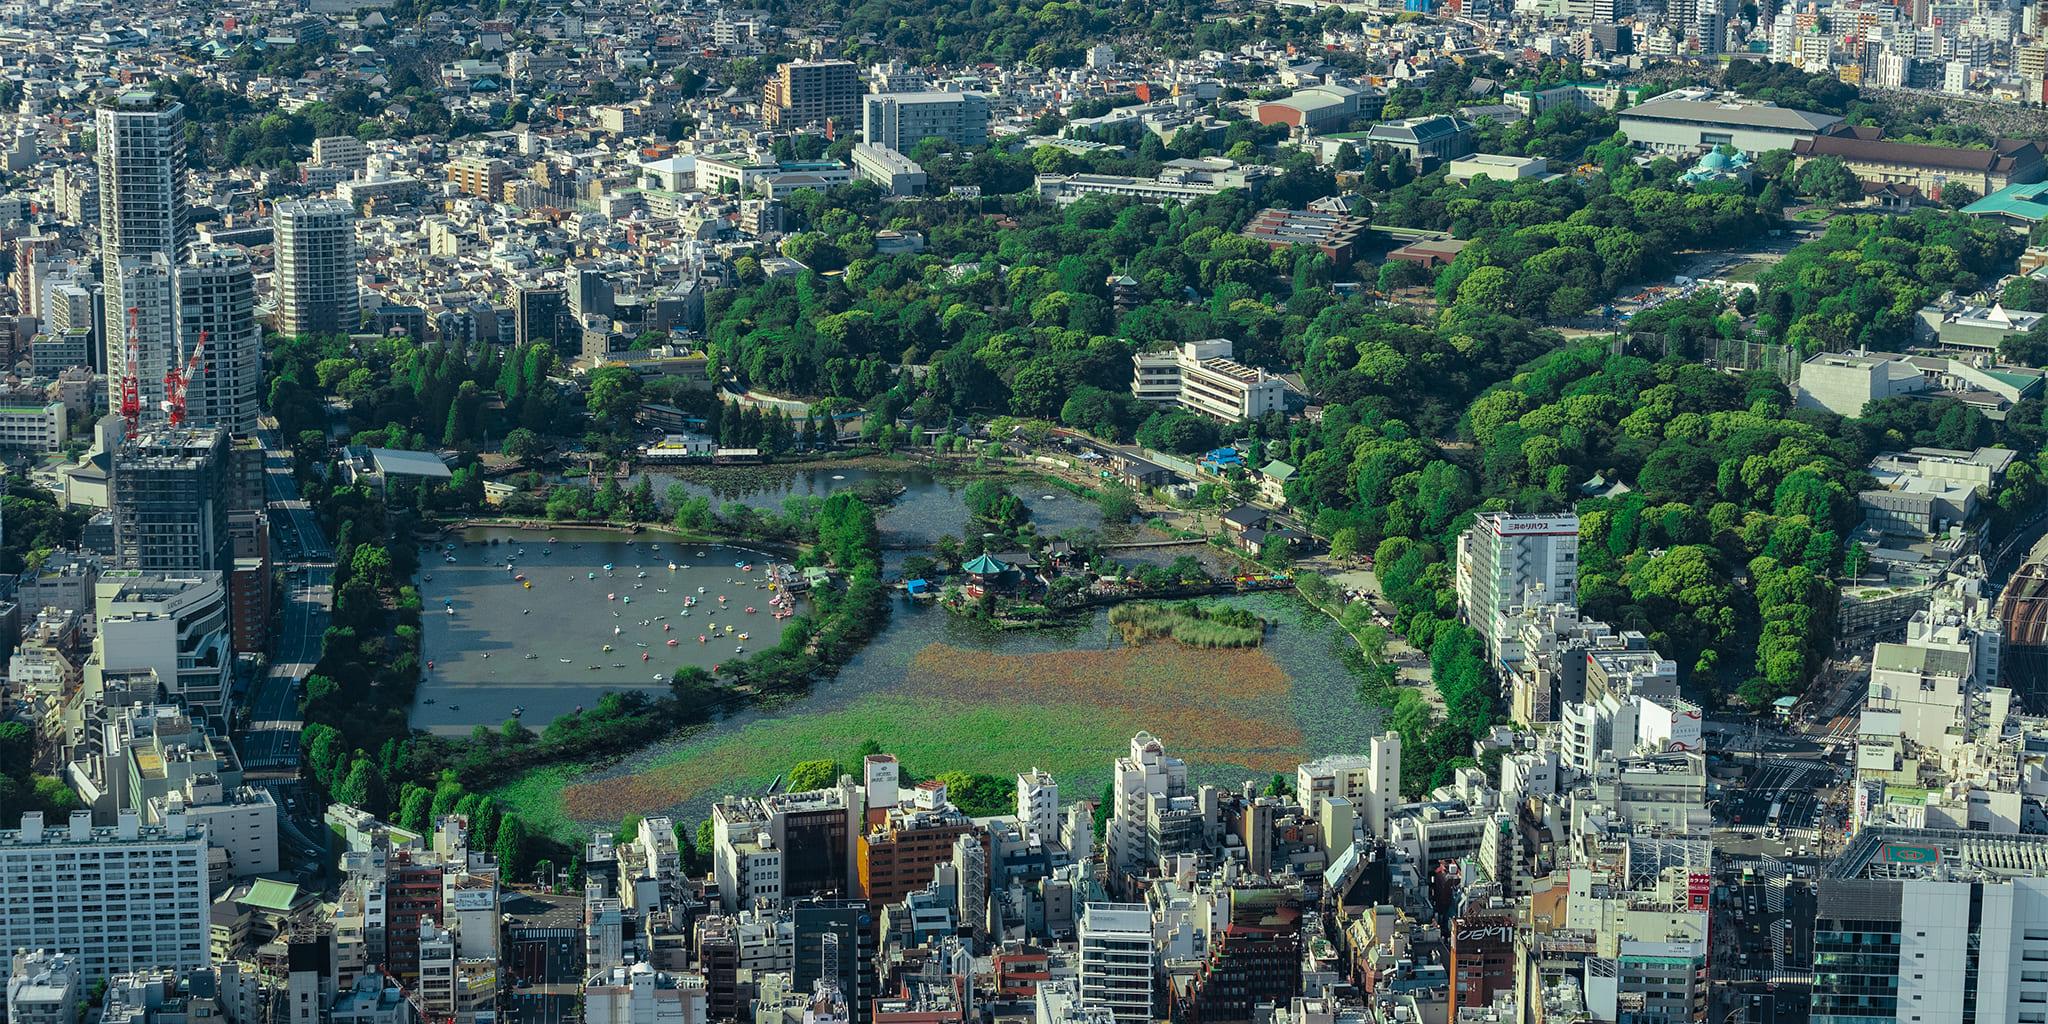 ヘリコプターで東京上空をフライトして見える上野